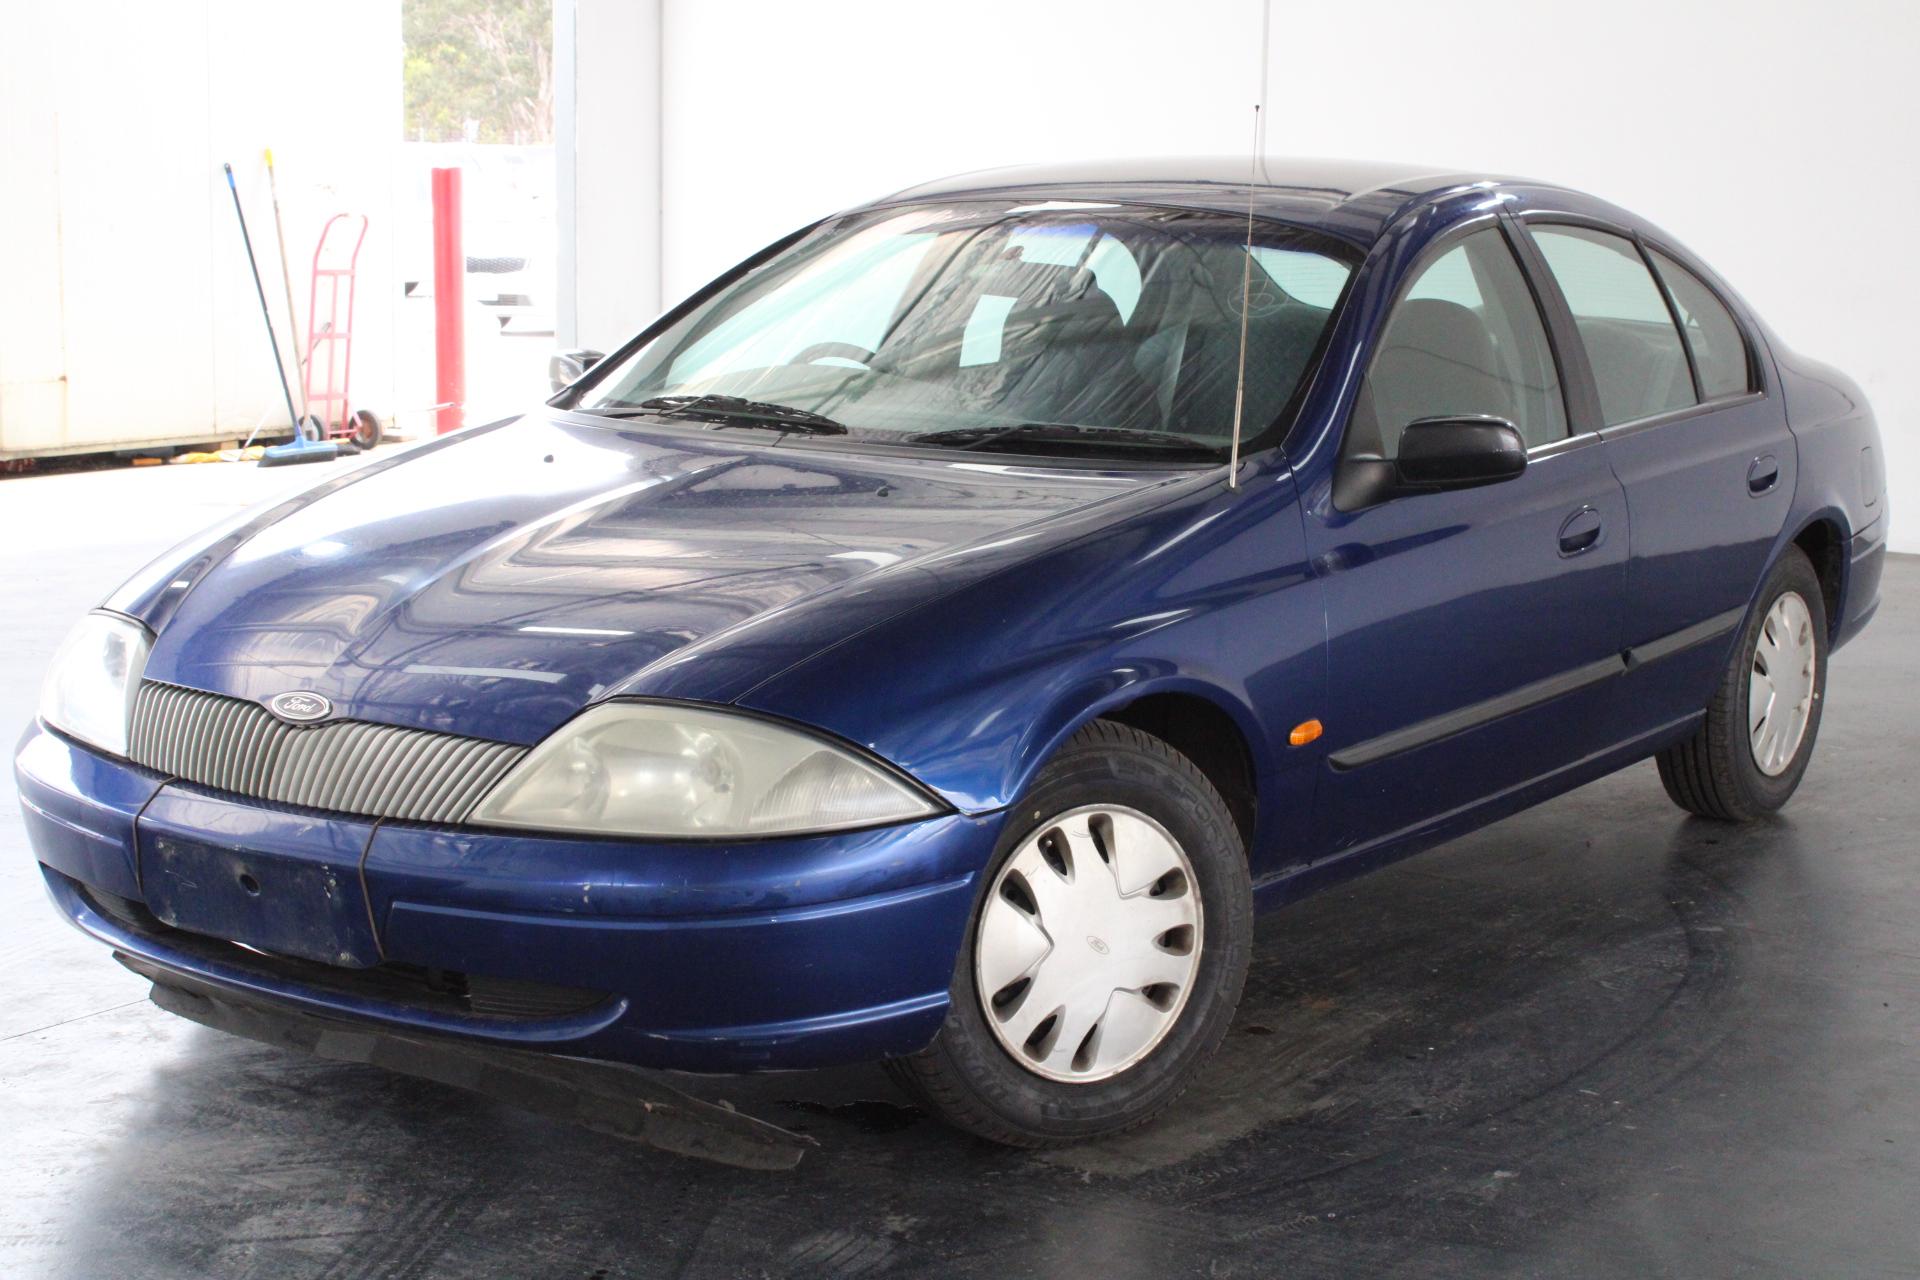 2000 Ford Falcon Forte AU Automatic Sedan